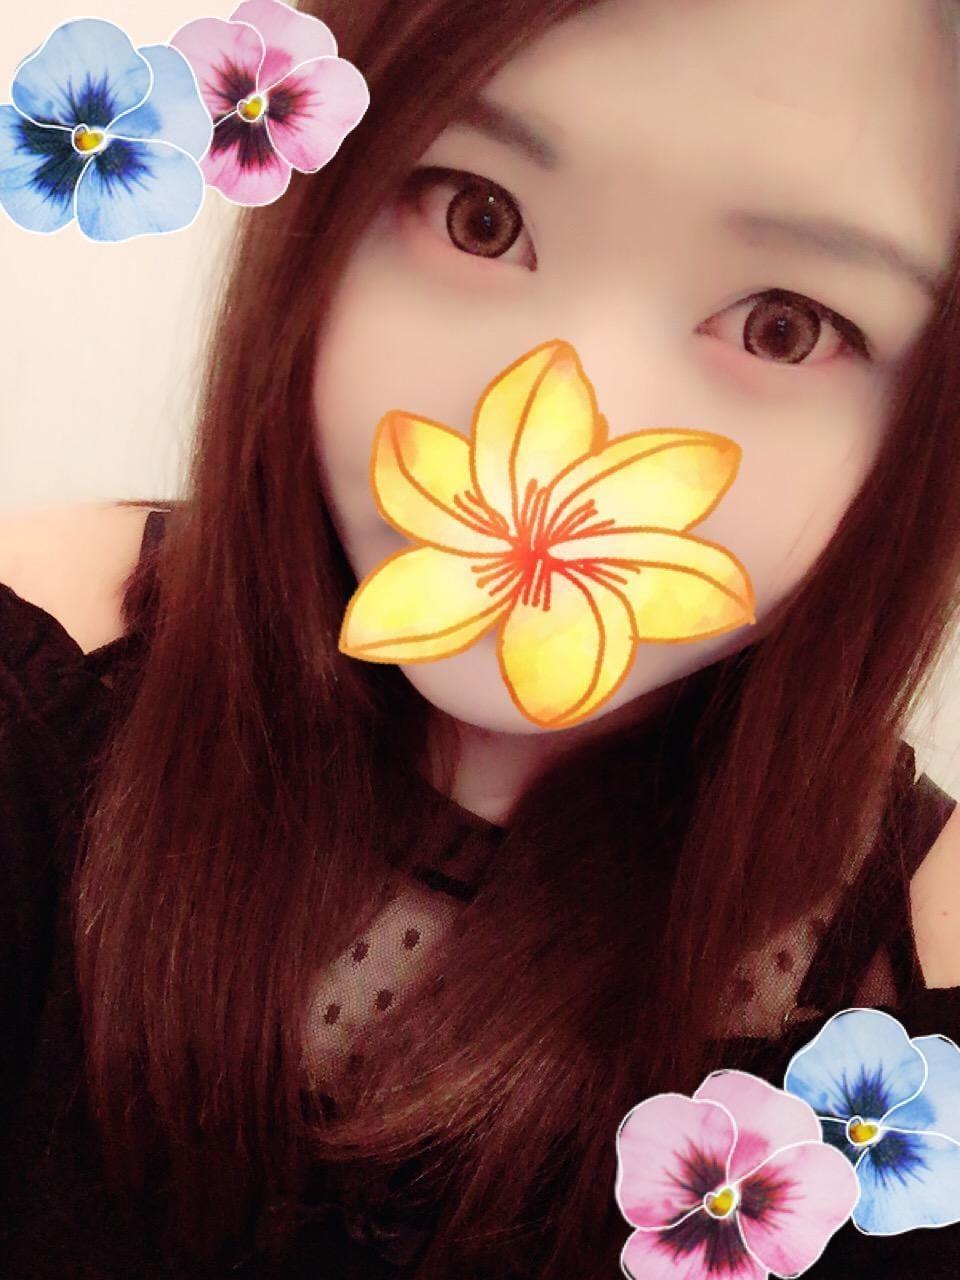 「June 11th ★」06/11(06/11) 18:13 | まどかの写メ・風俗動画